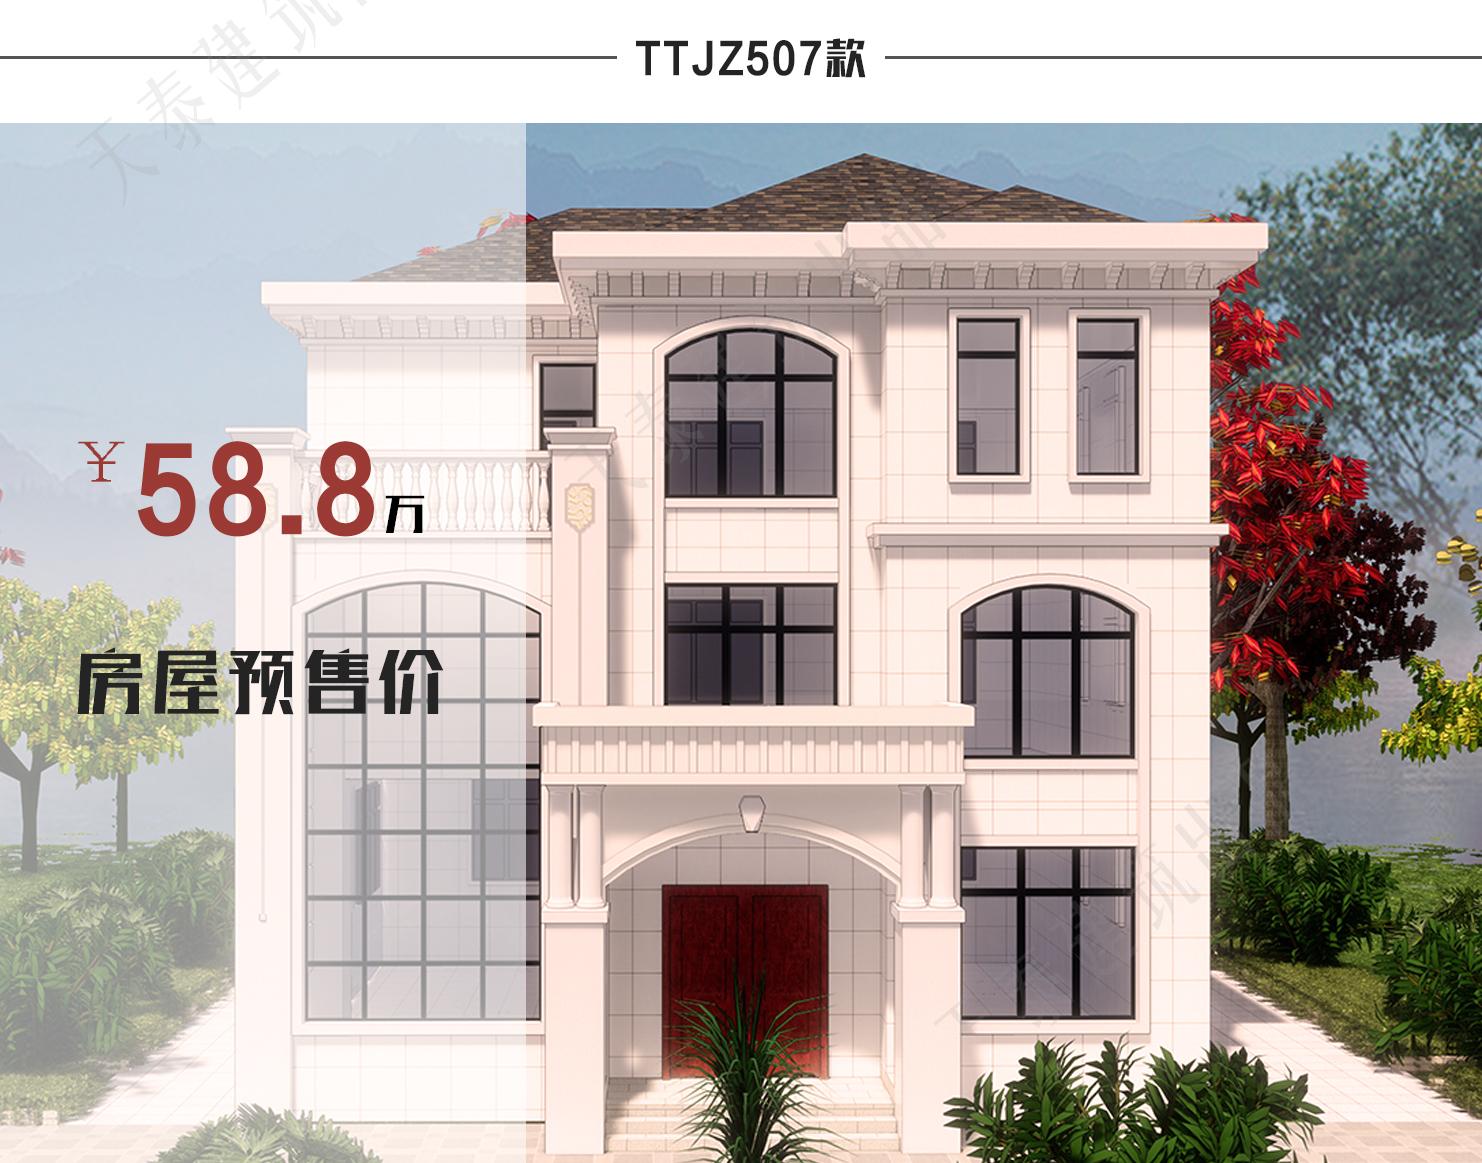 8万 农村设计图纸三层别墅 效果图施工全套服务 整体交付